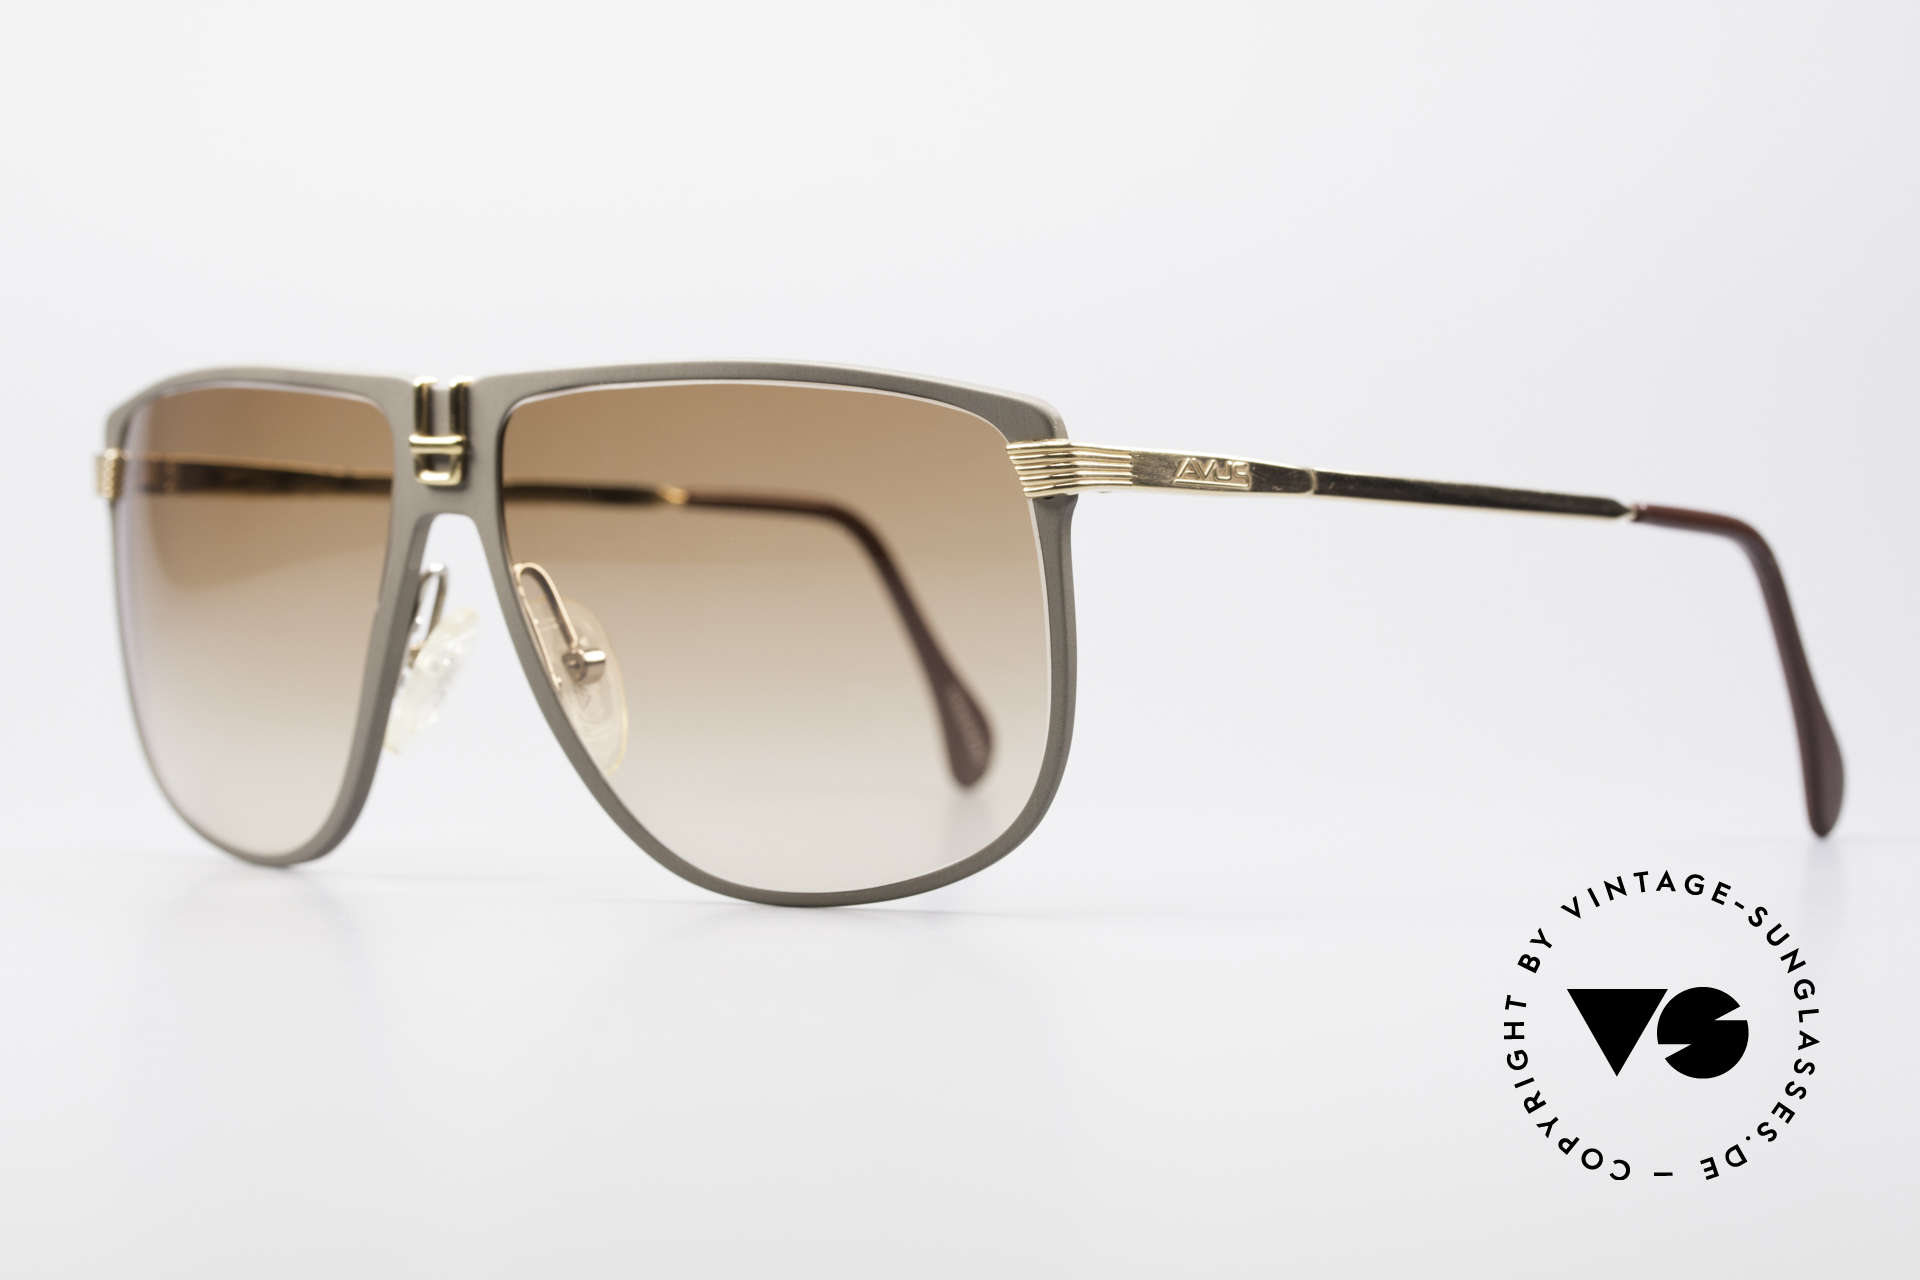 AVUS 210-30 West Germany Sonnenbrille, produziert in gleicher Fabrik wie die berühmte Alpina M1, Passend für Herren